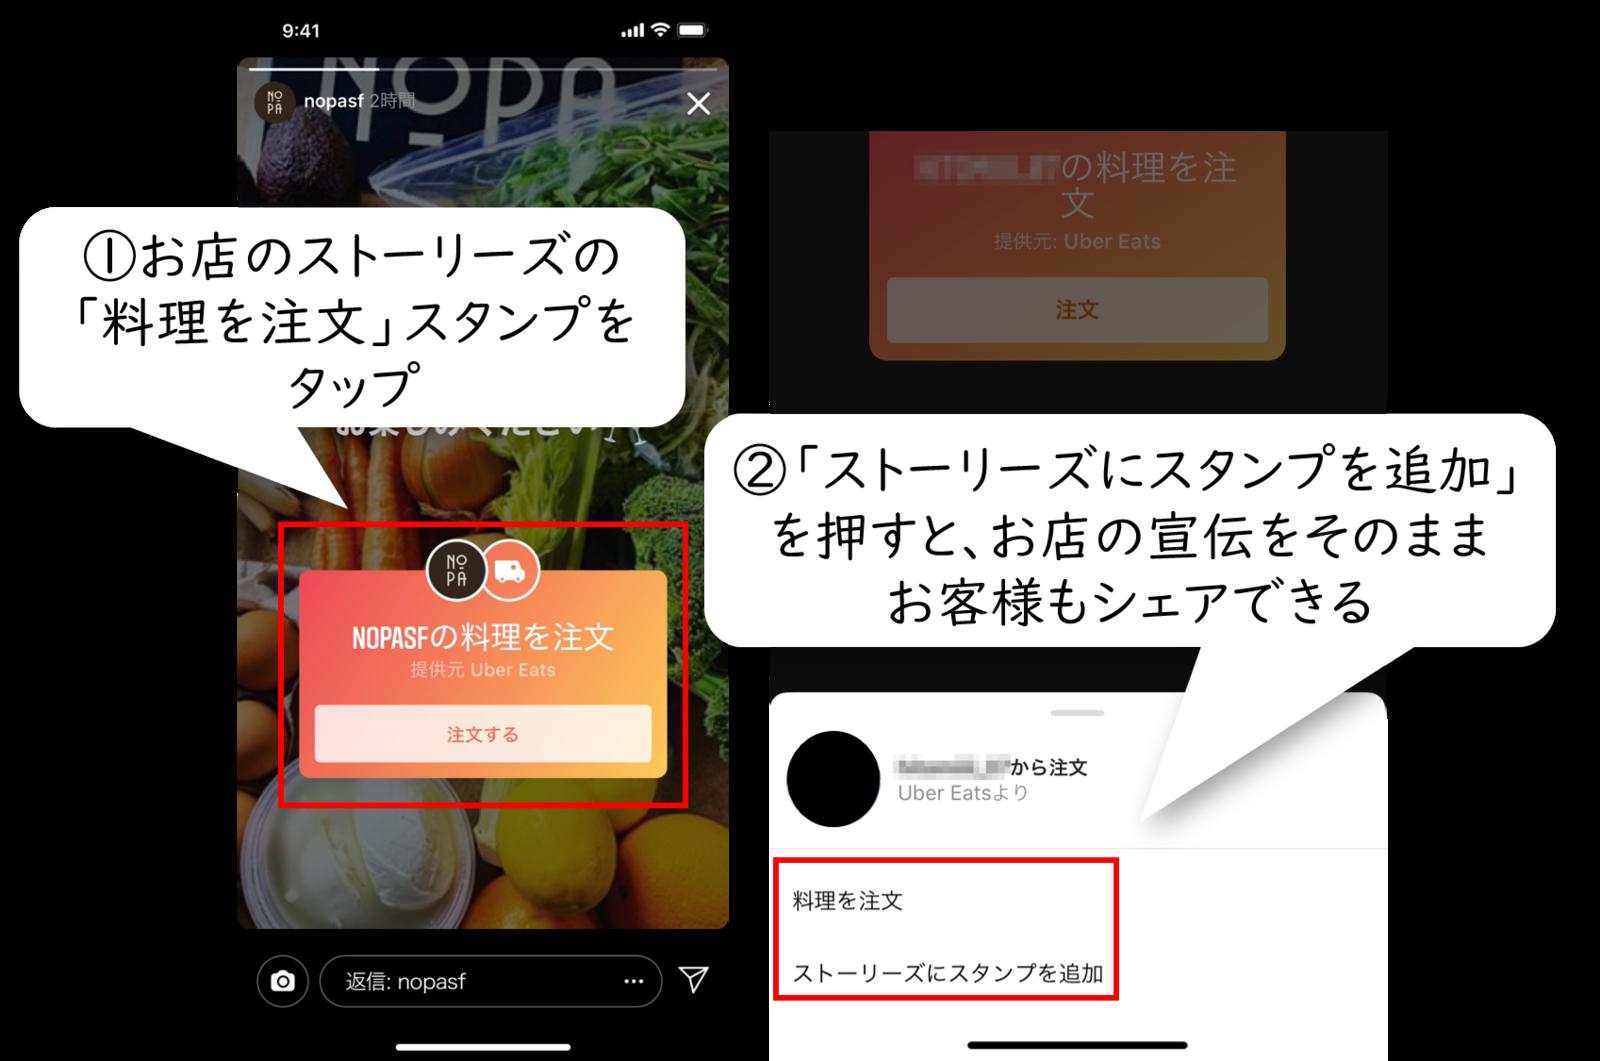 f:id:tentsu_media:20200703150513p:plain